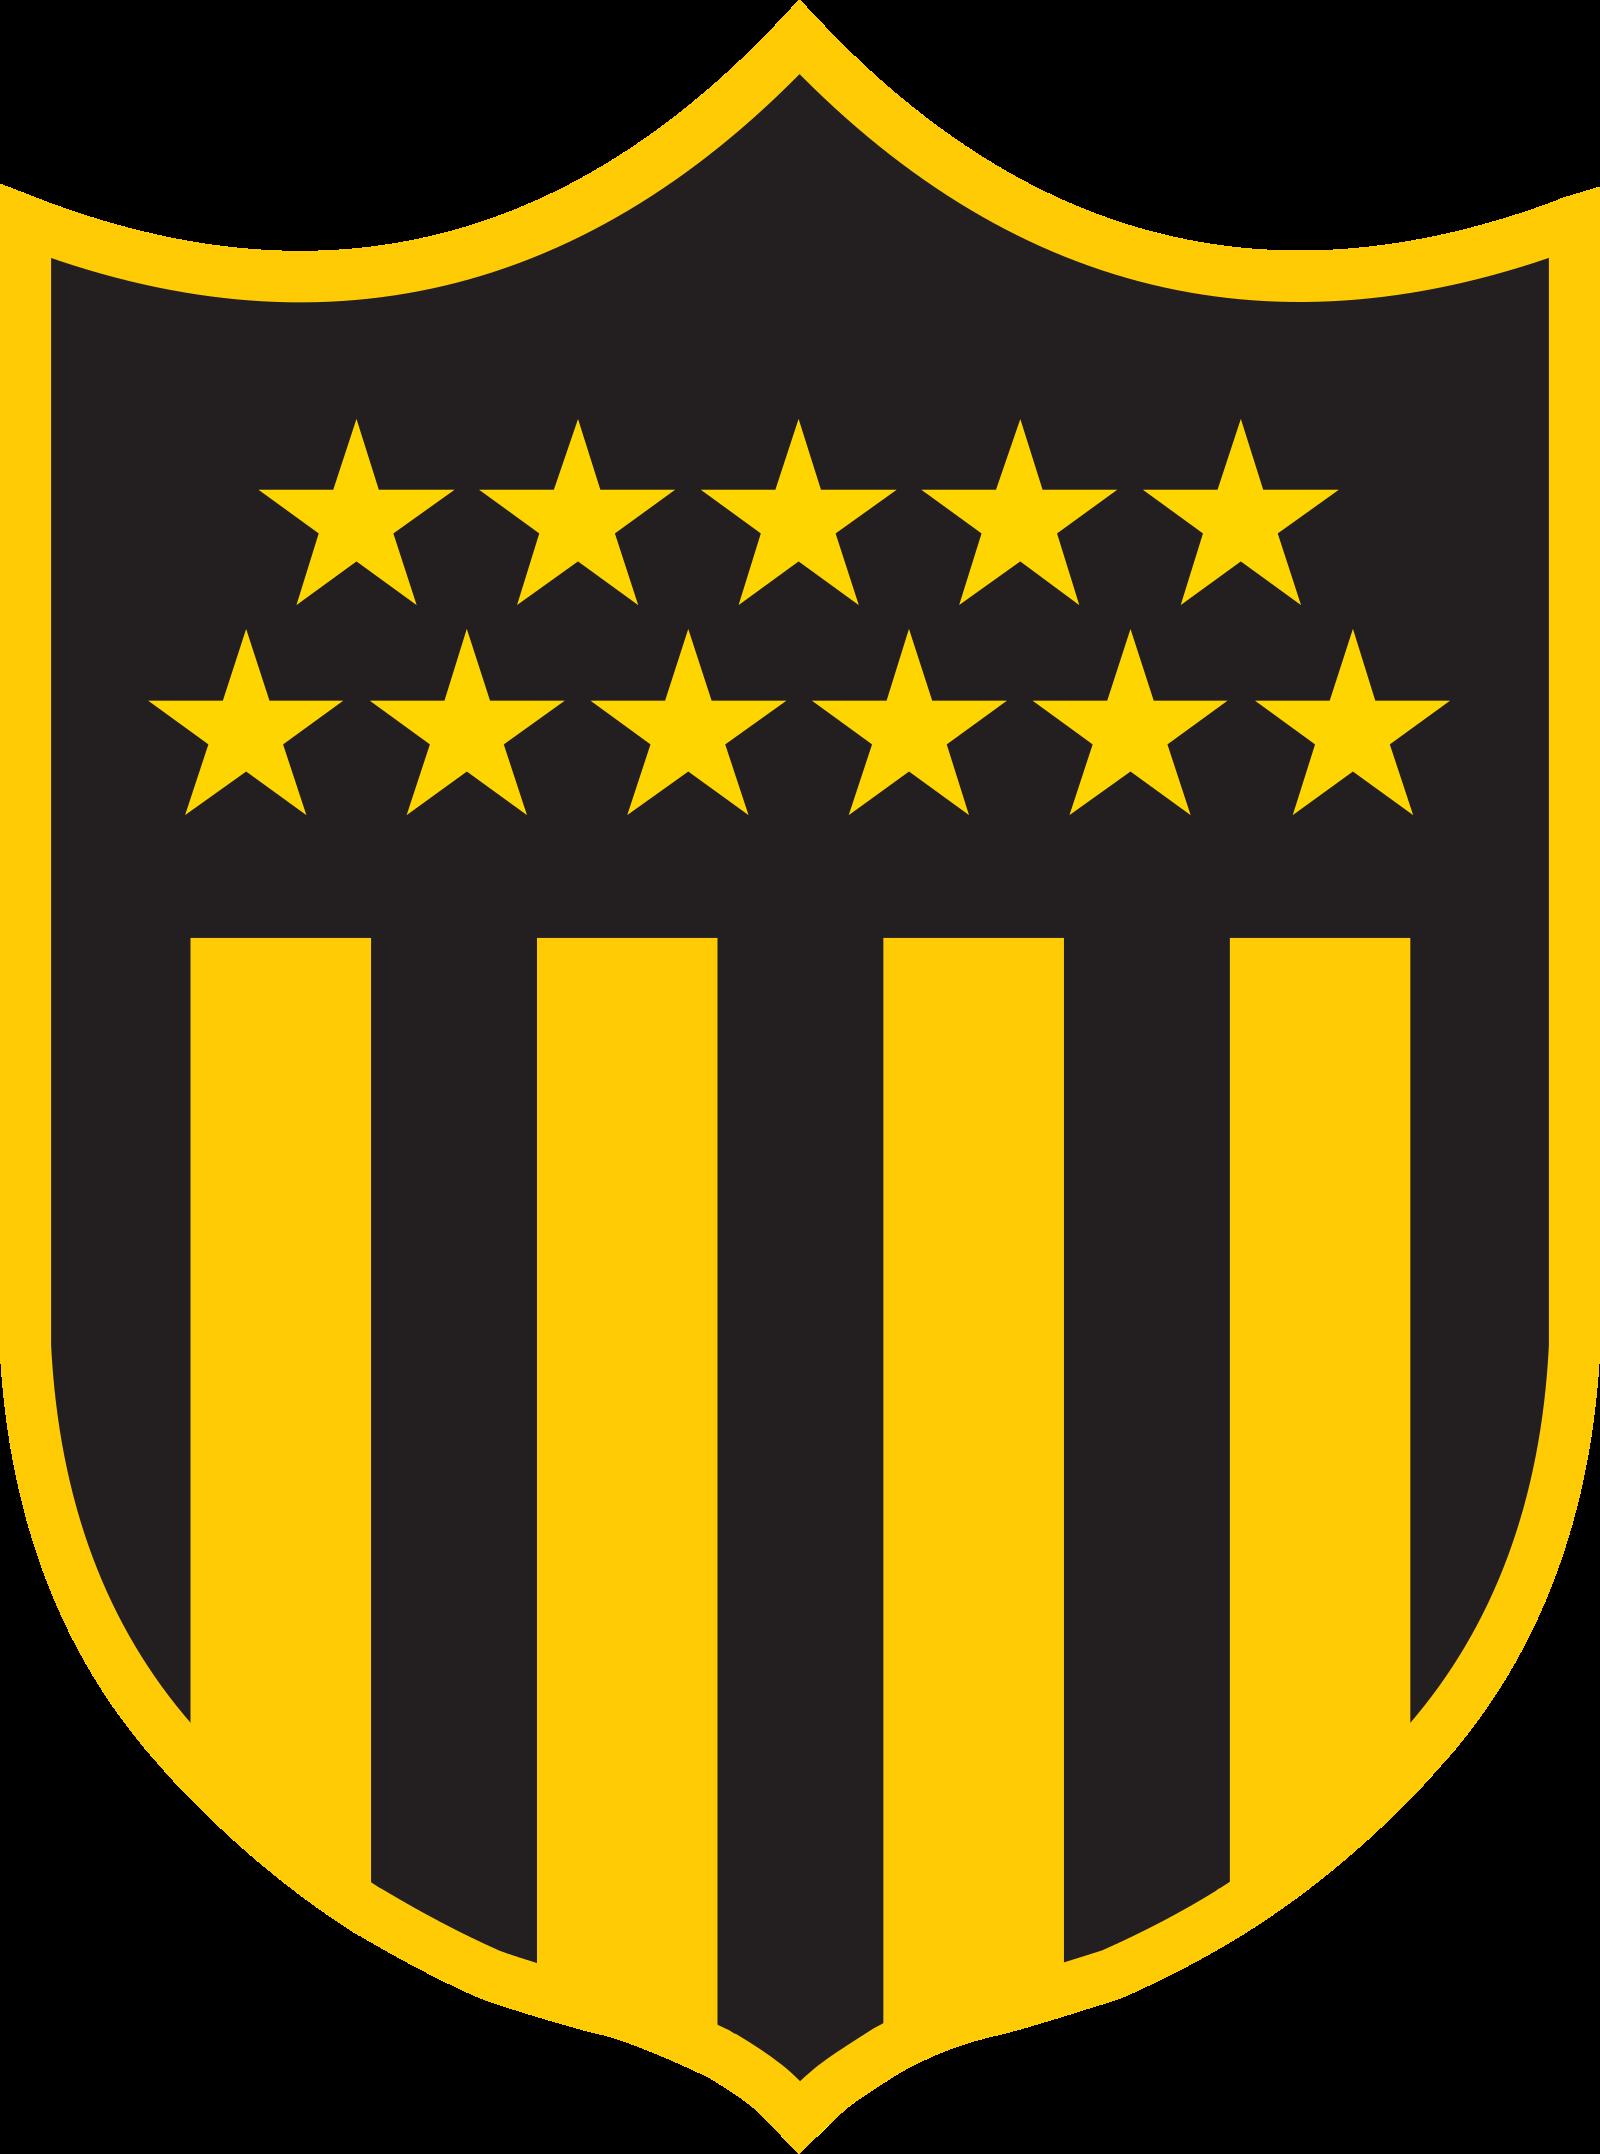 penarol logo escudo 4 - Peñarol Logo - Club Atlético Peñarol Escudo